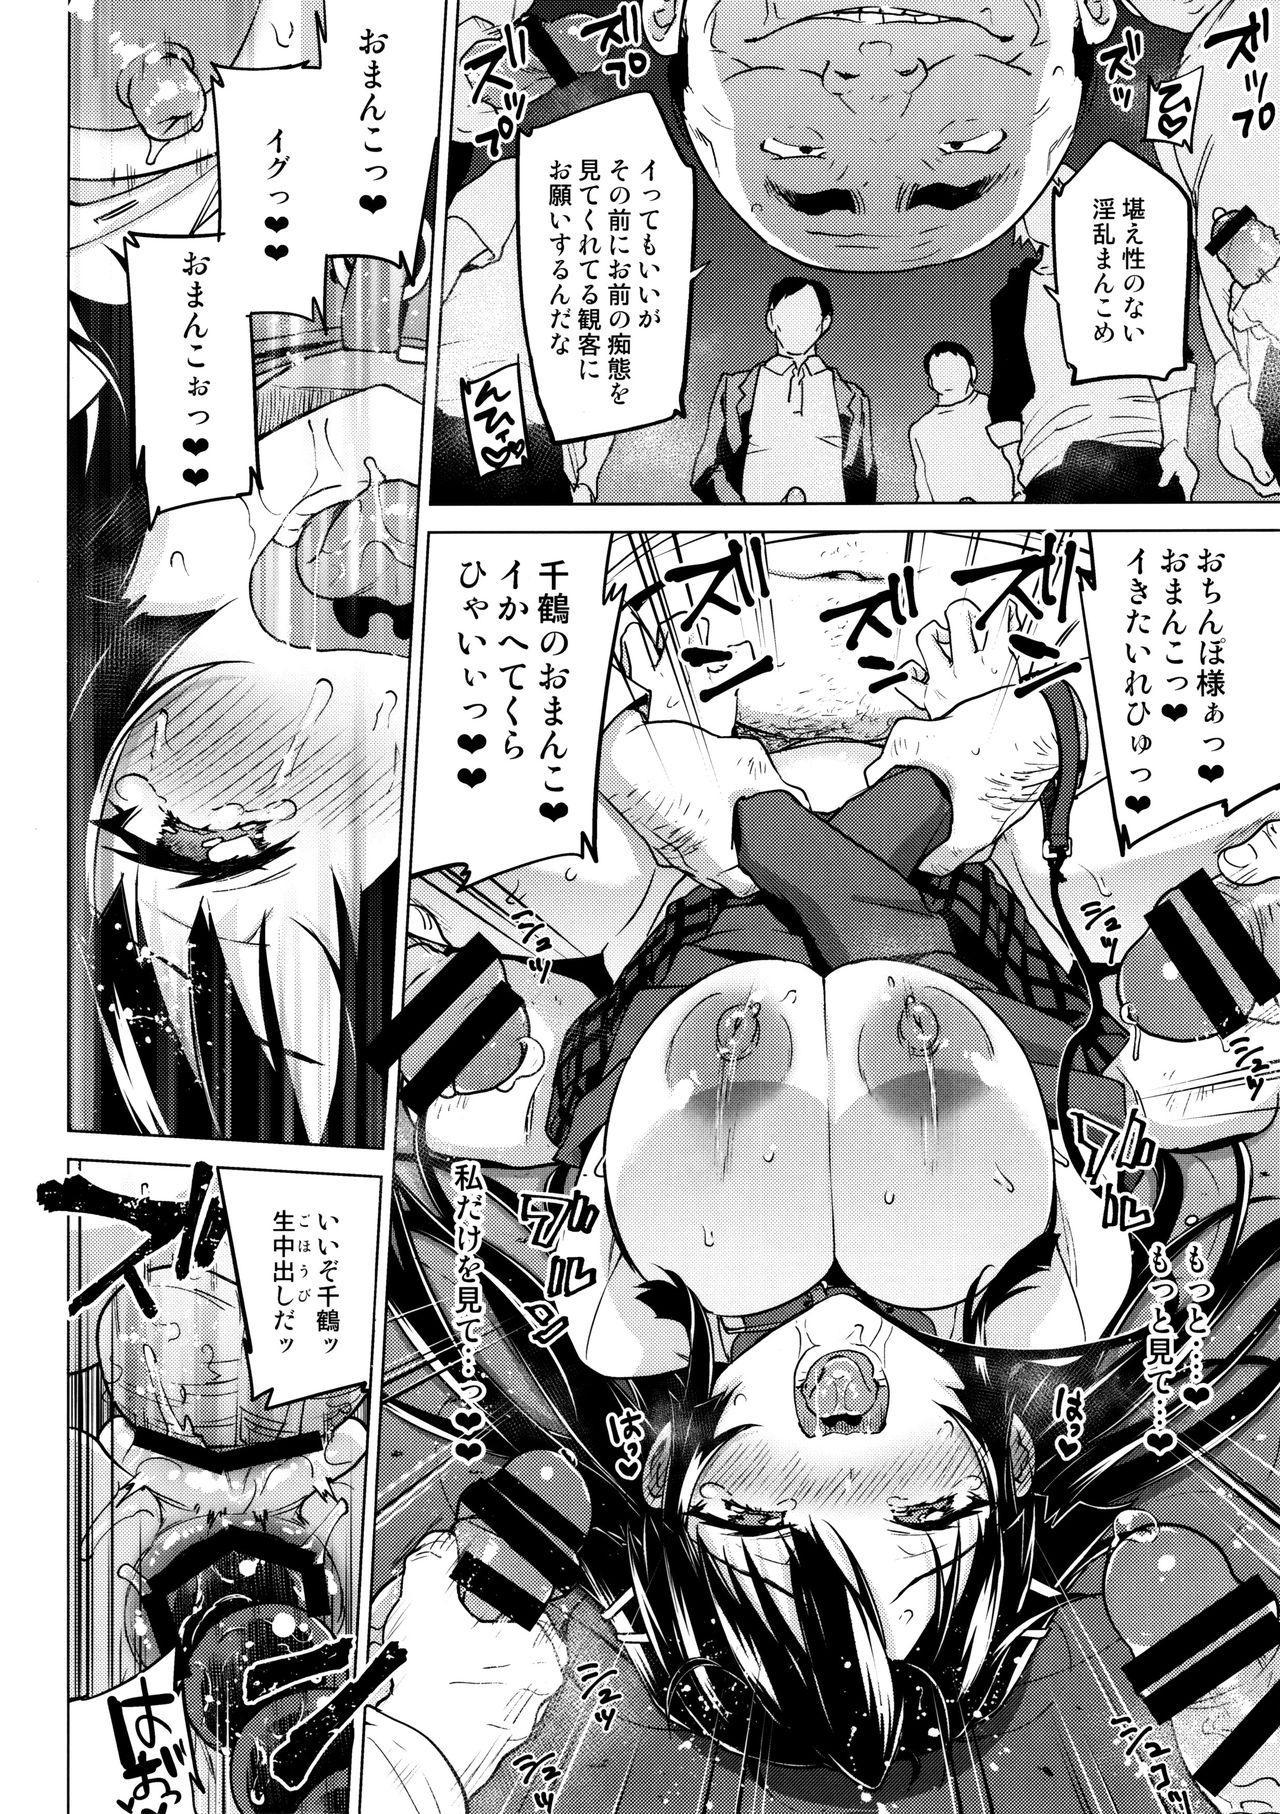 Chizuru-chan Kaihatsu Nikki 5 26